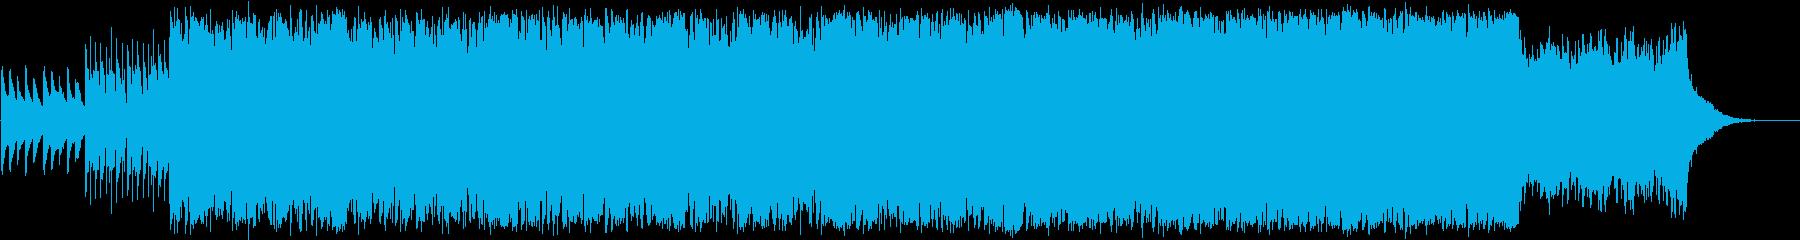 ピアノと歌声が神秘的なミニマルエレクトロの再生済みの波形